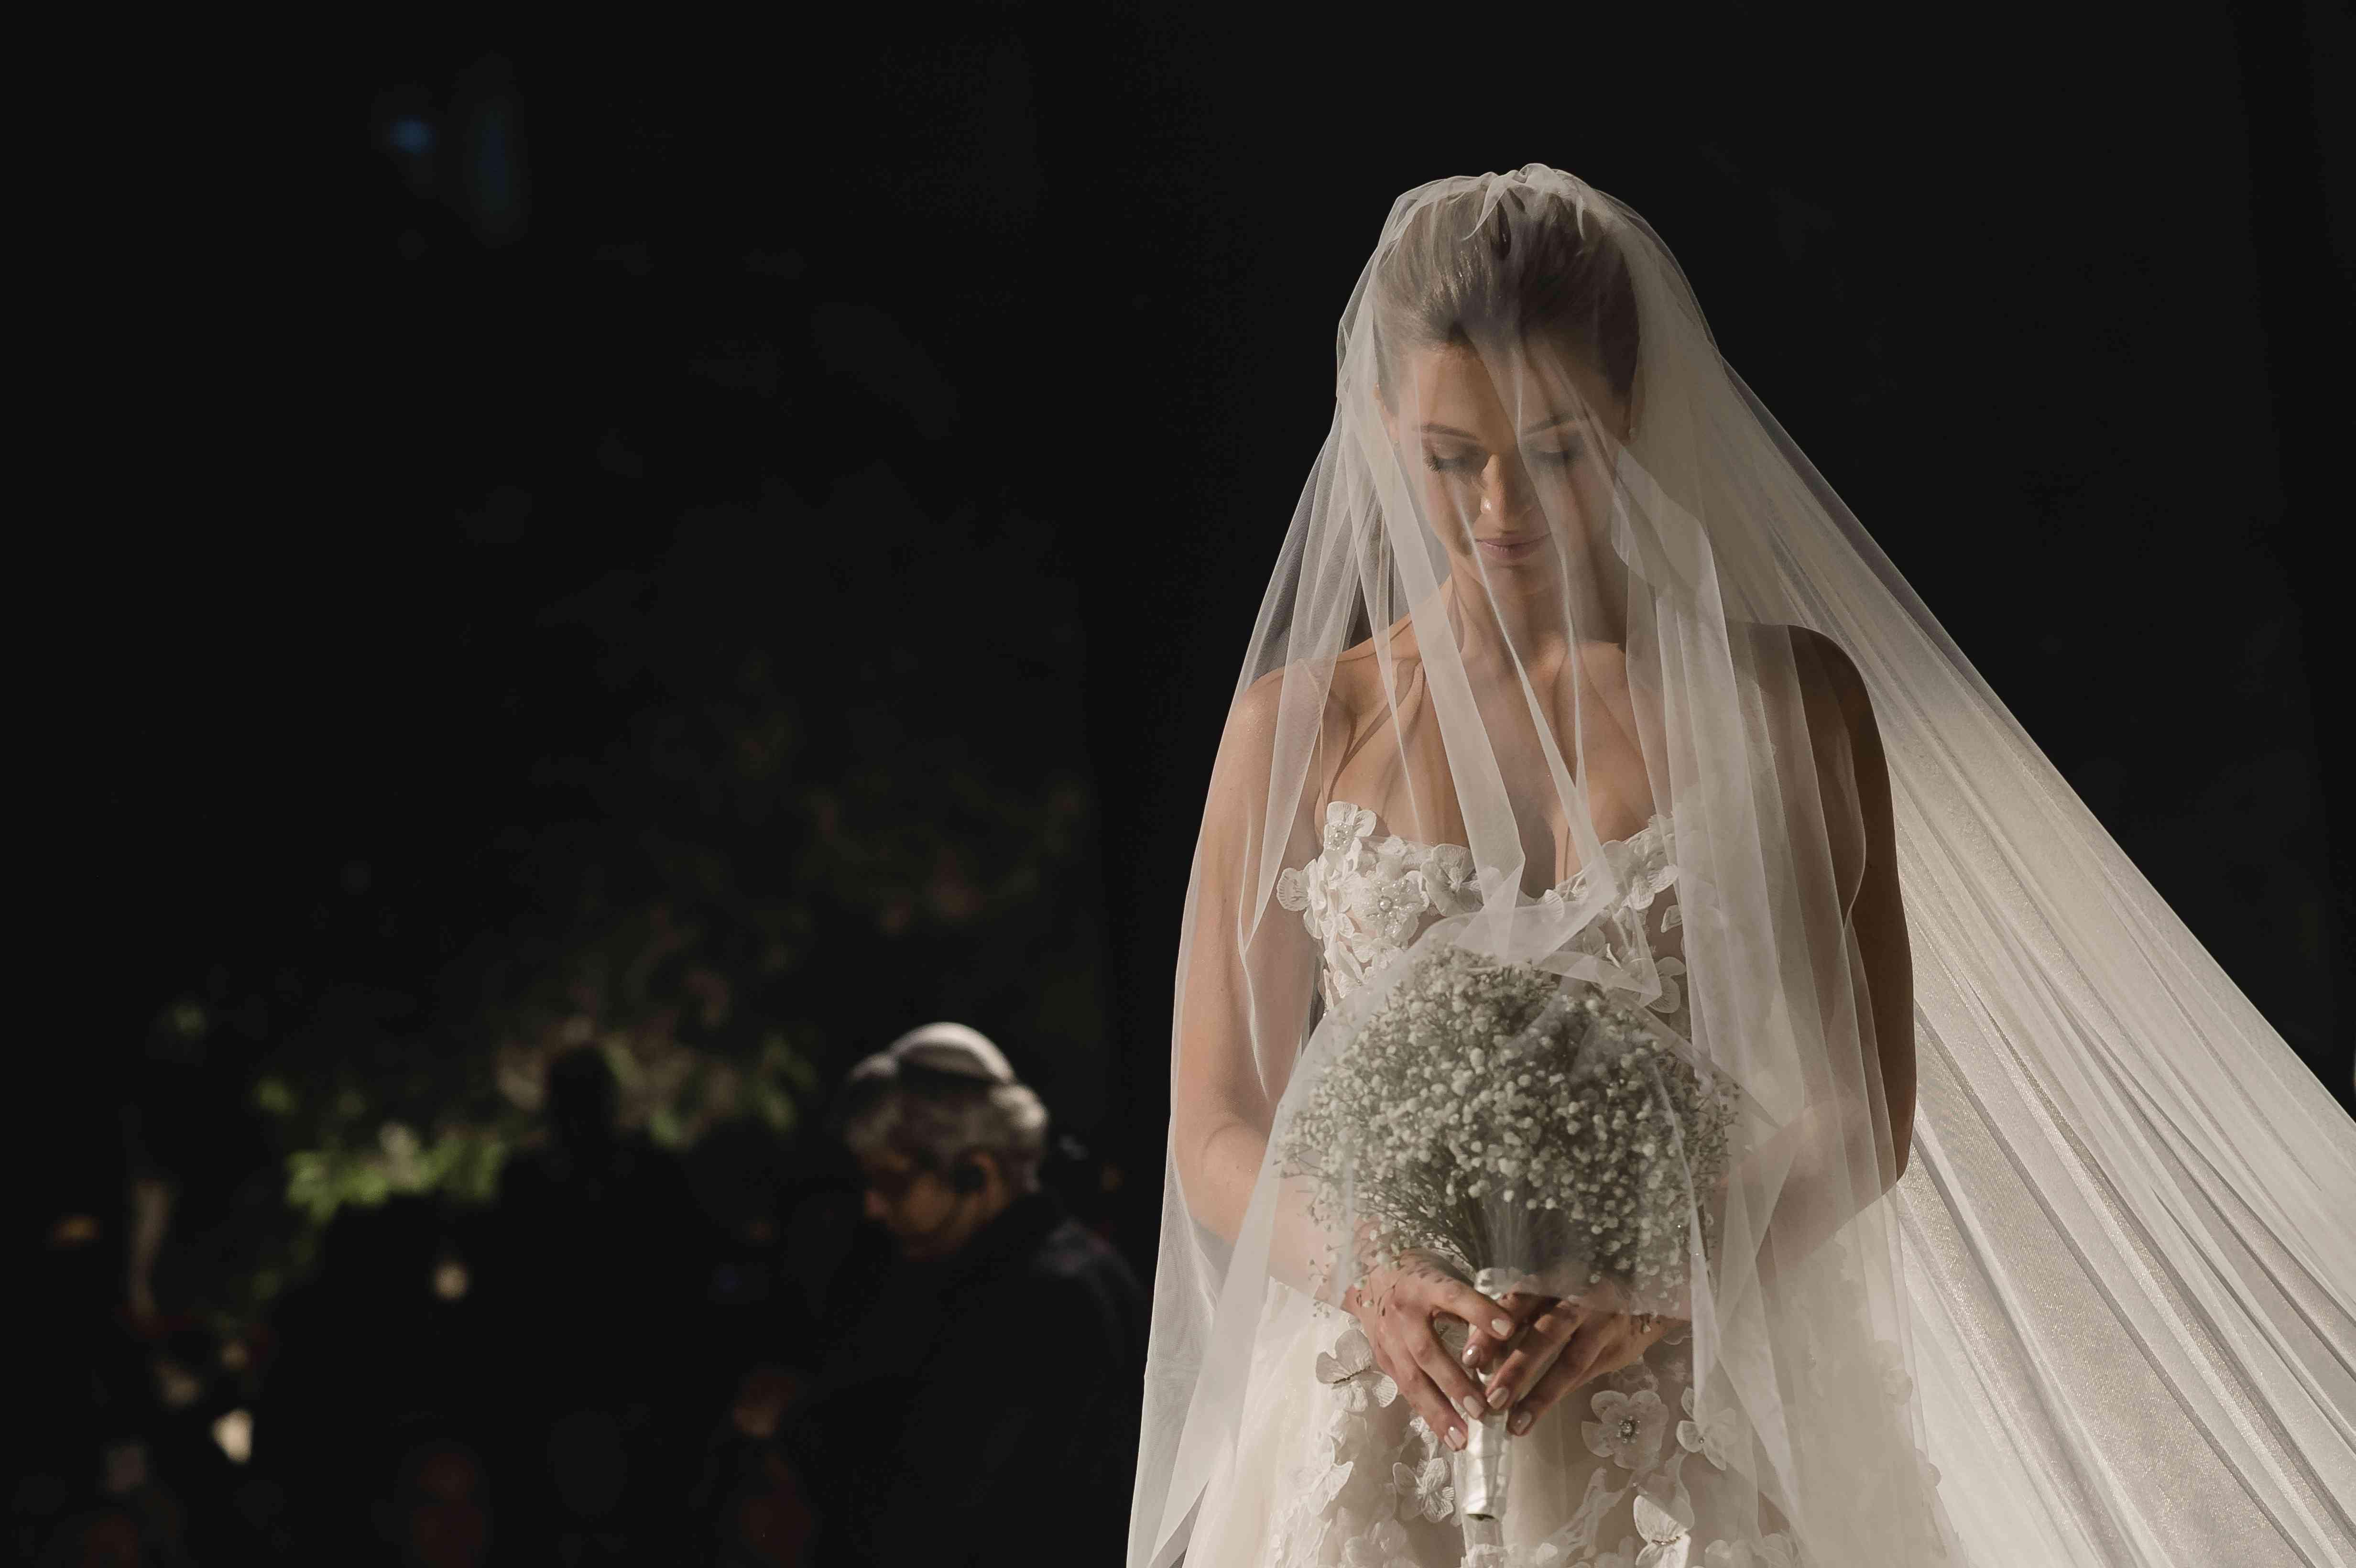 <p>Bride under veil with bouquet</p><br><br>